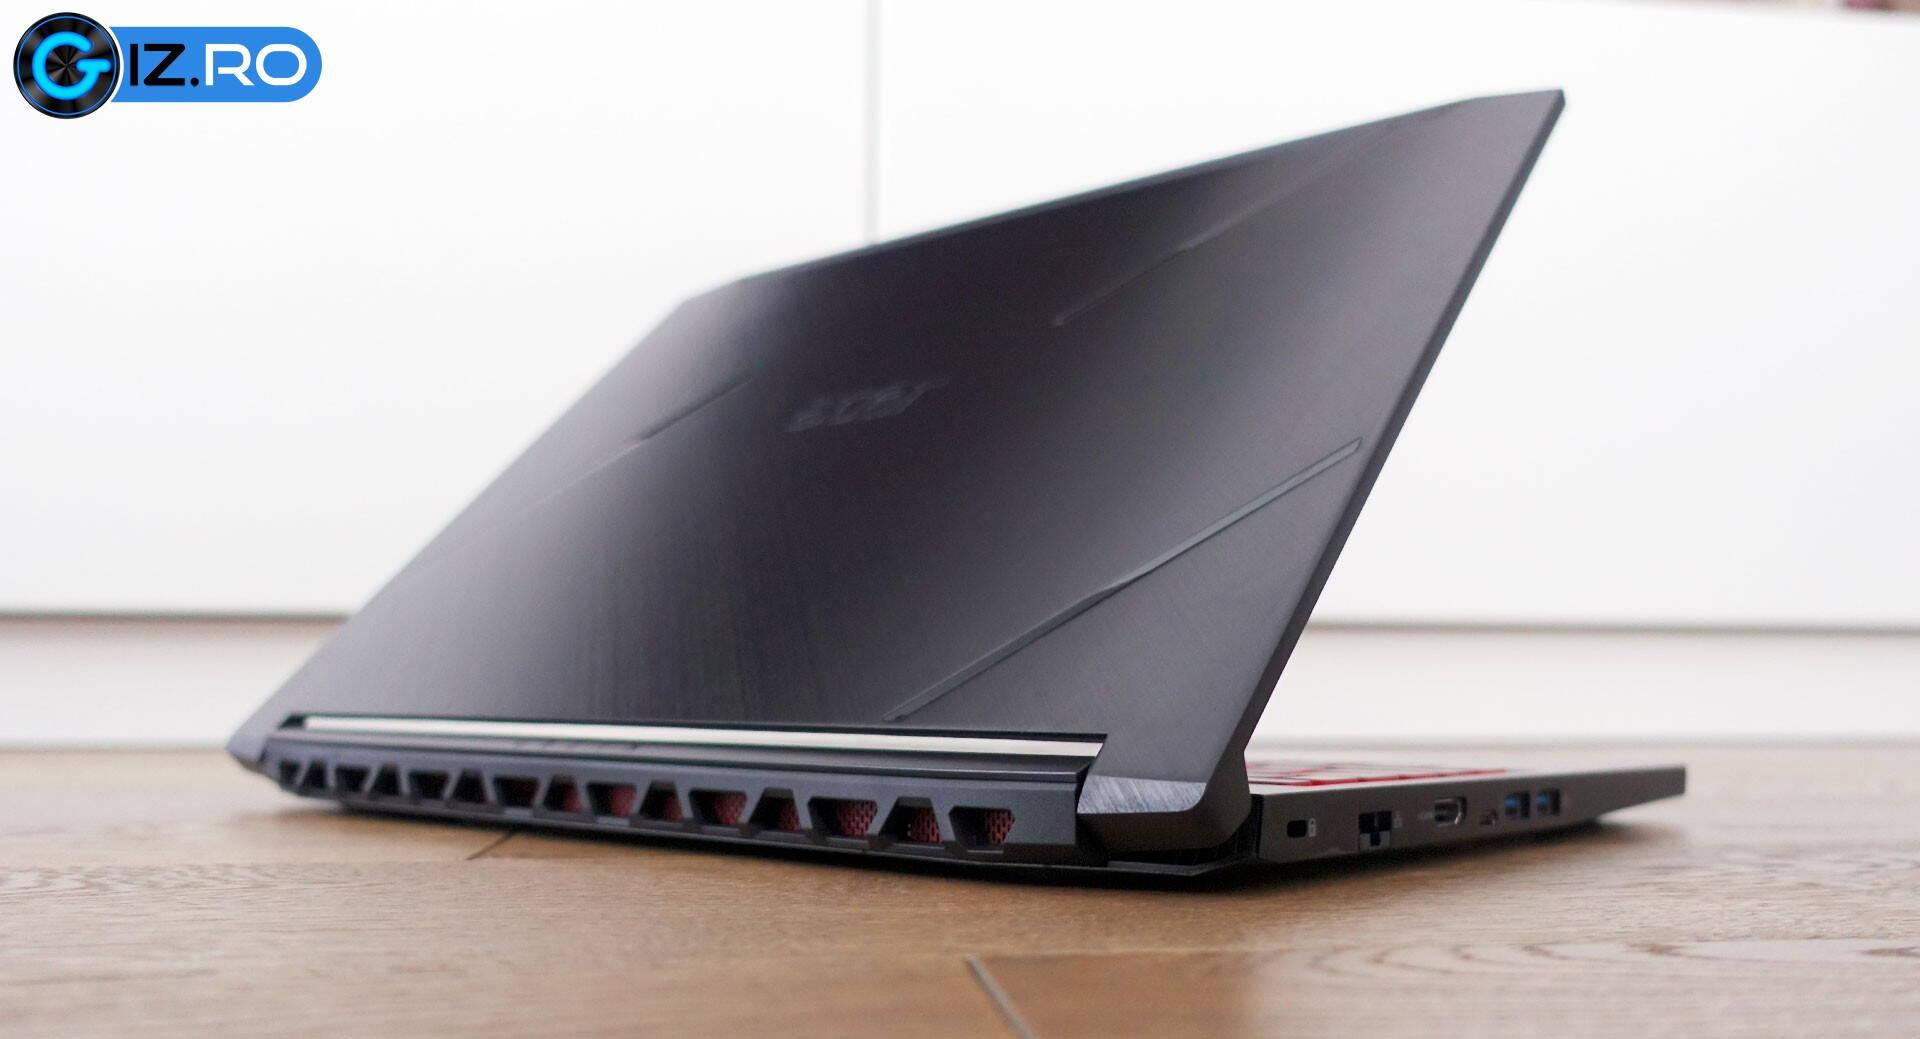 scoate grăsimea de pe laptop